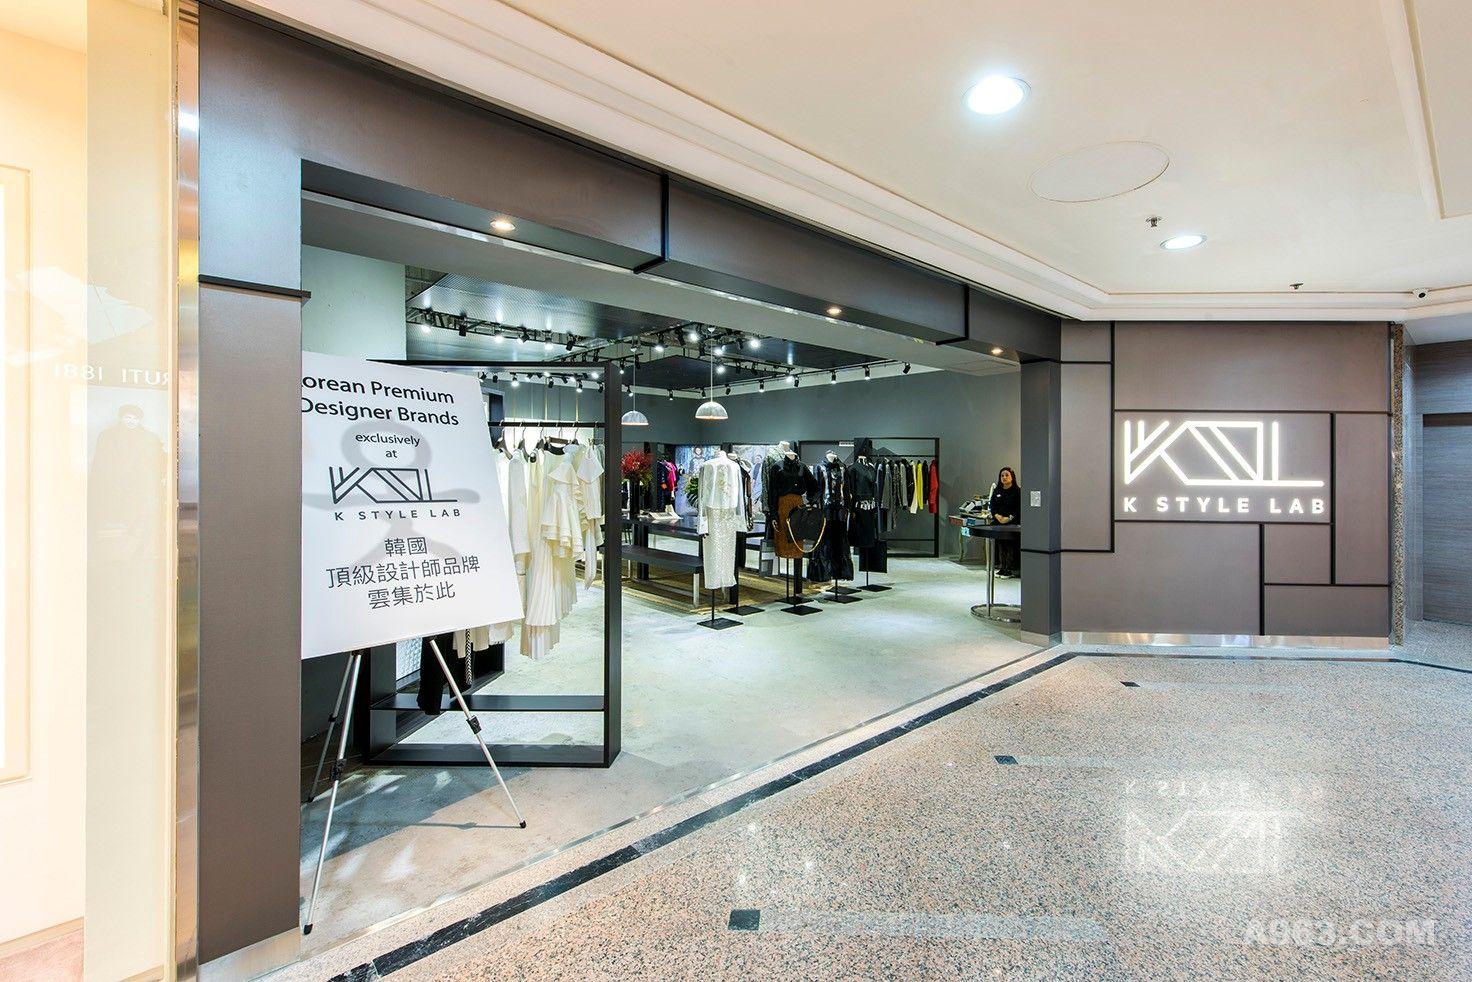 K Style Lab韩国时装店室内设计